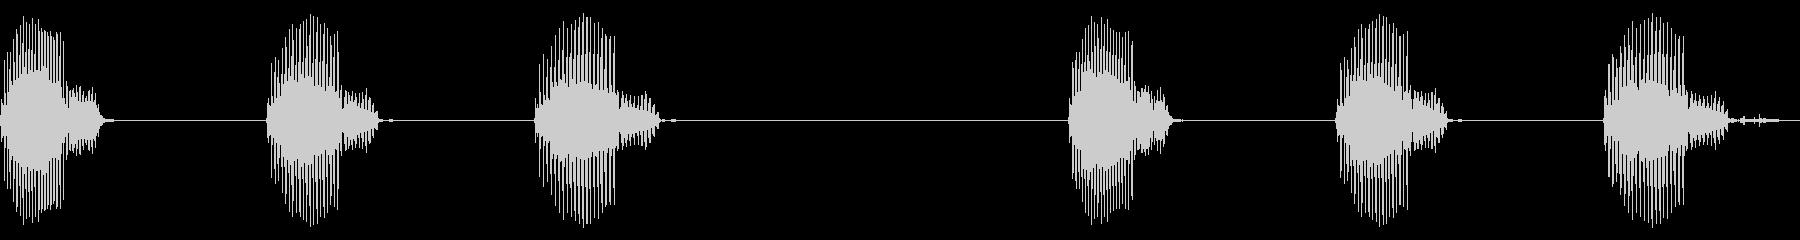 合成UMPボーカル、ショートバージ...の未再生の波形